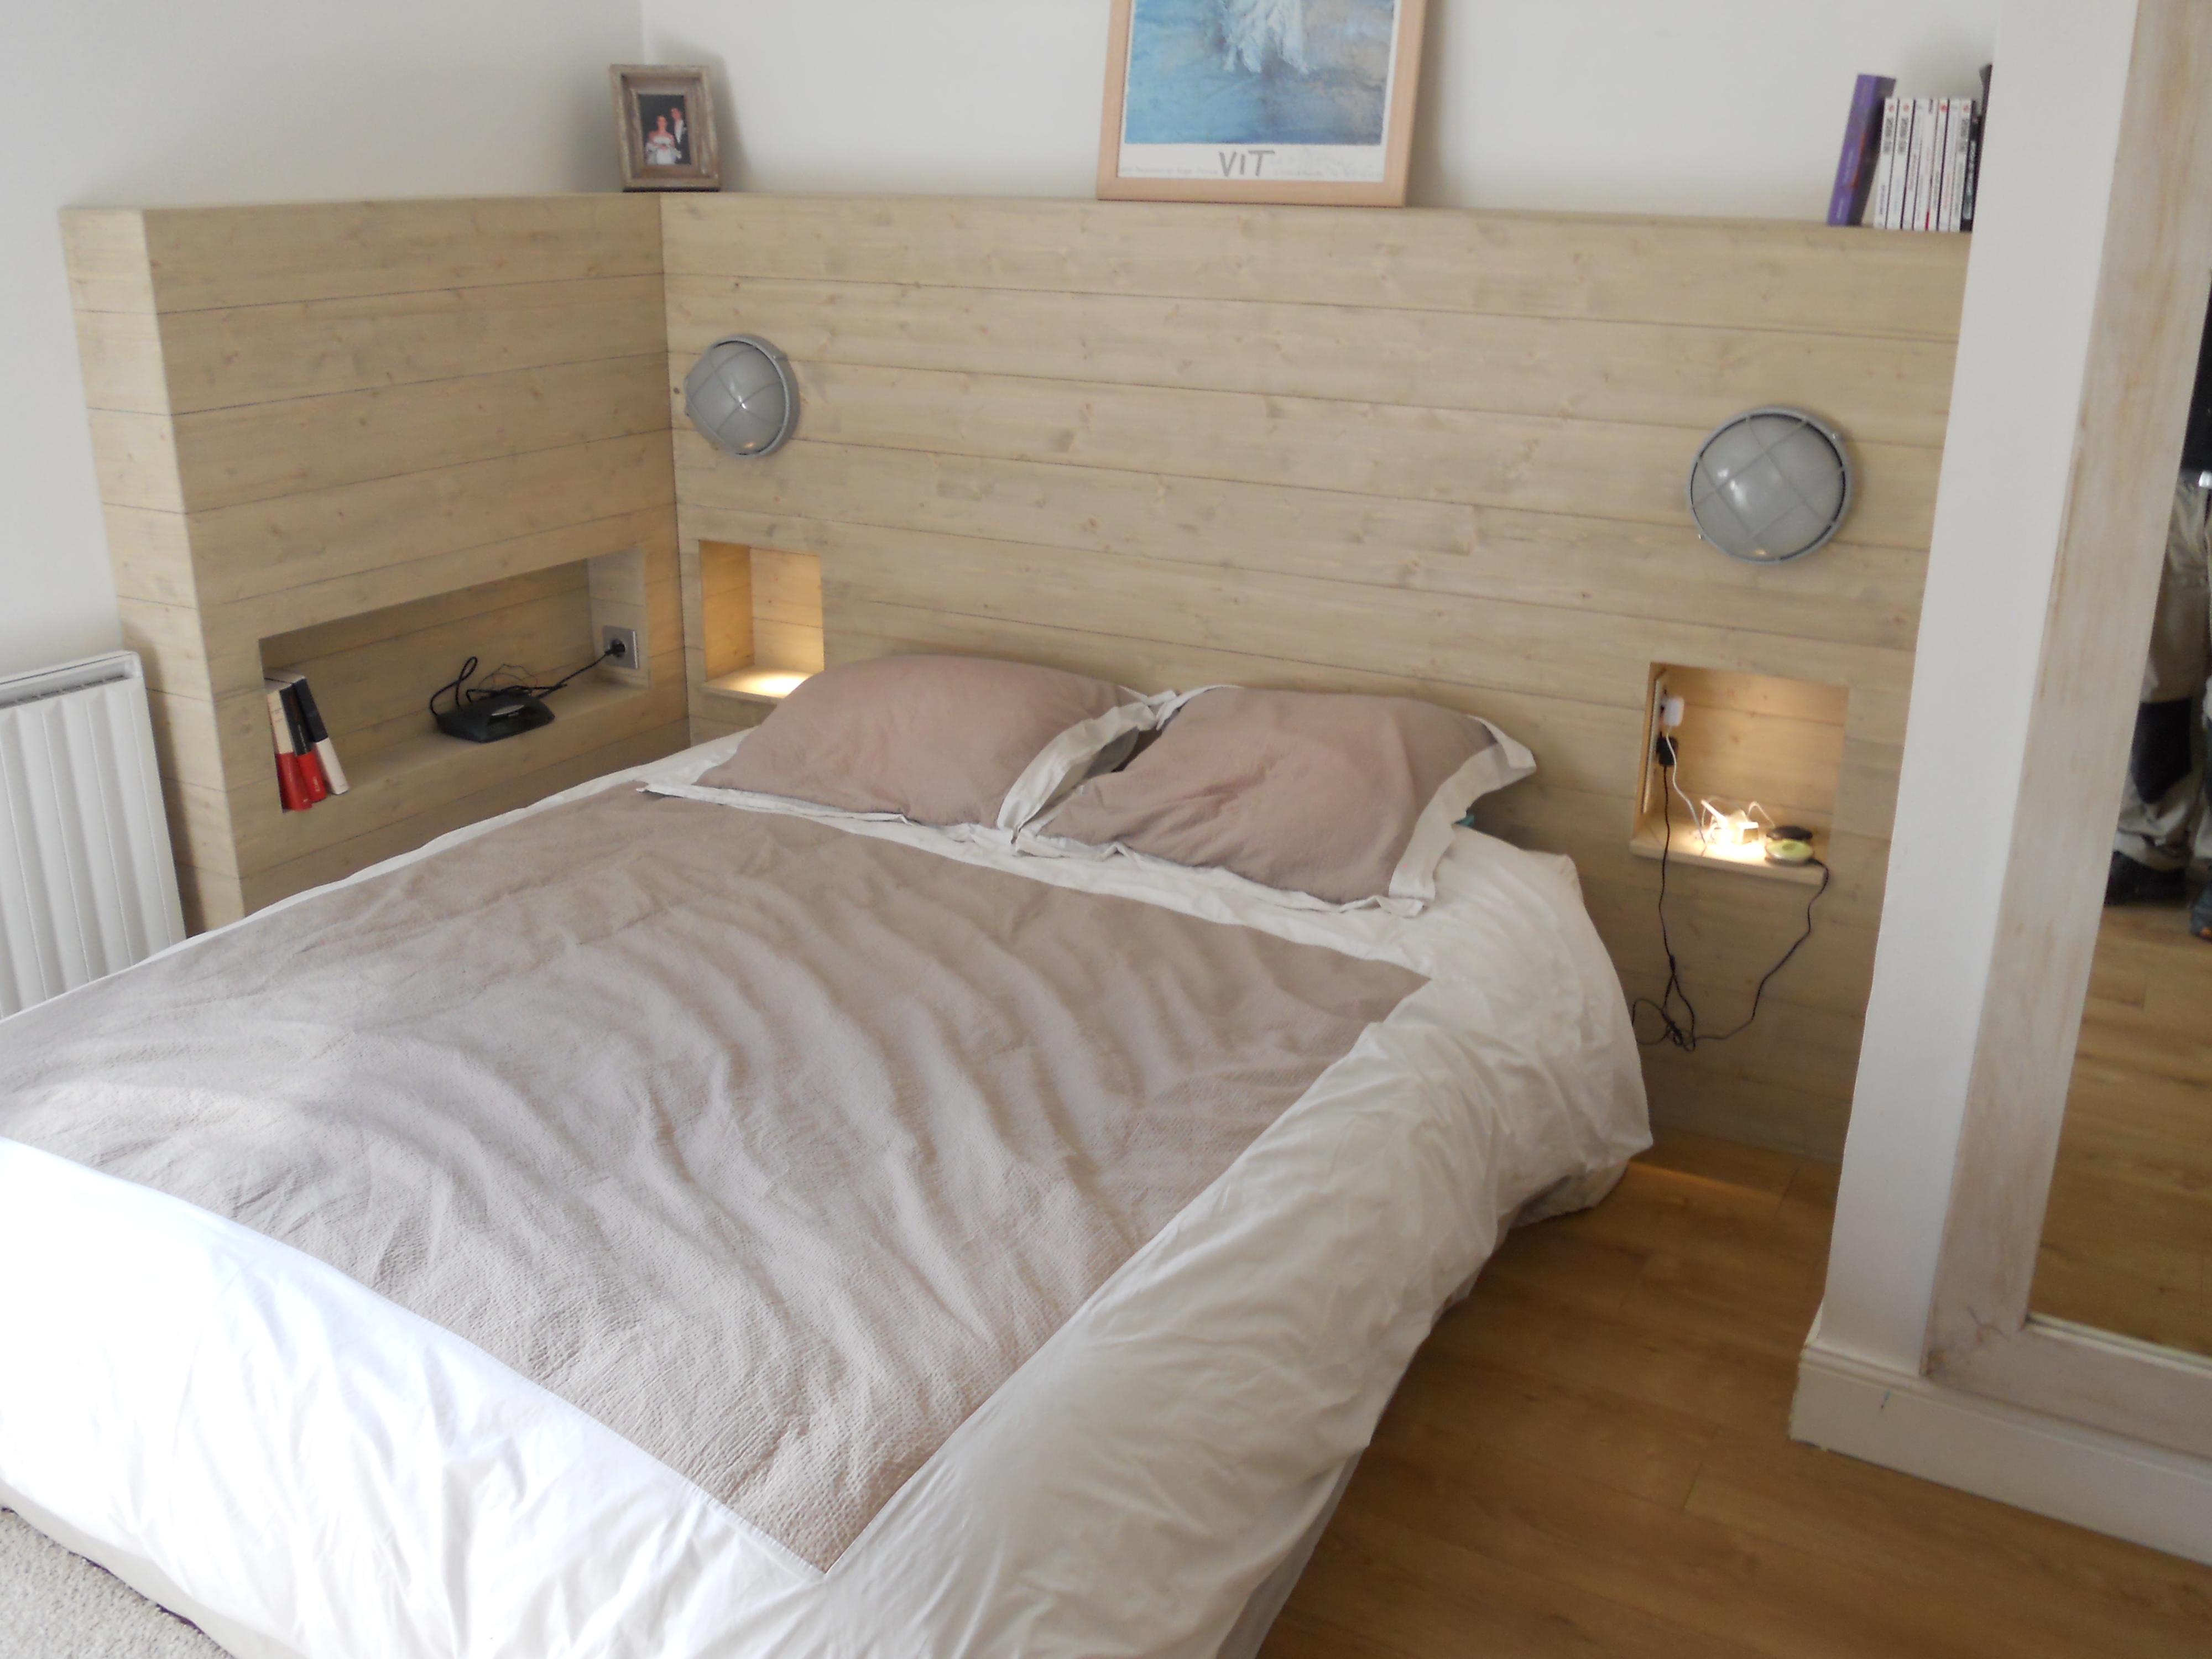 Fabriquer Tete De Lit En Bois tête de lit style bois flotté – brodie agencement